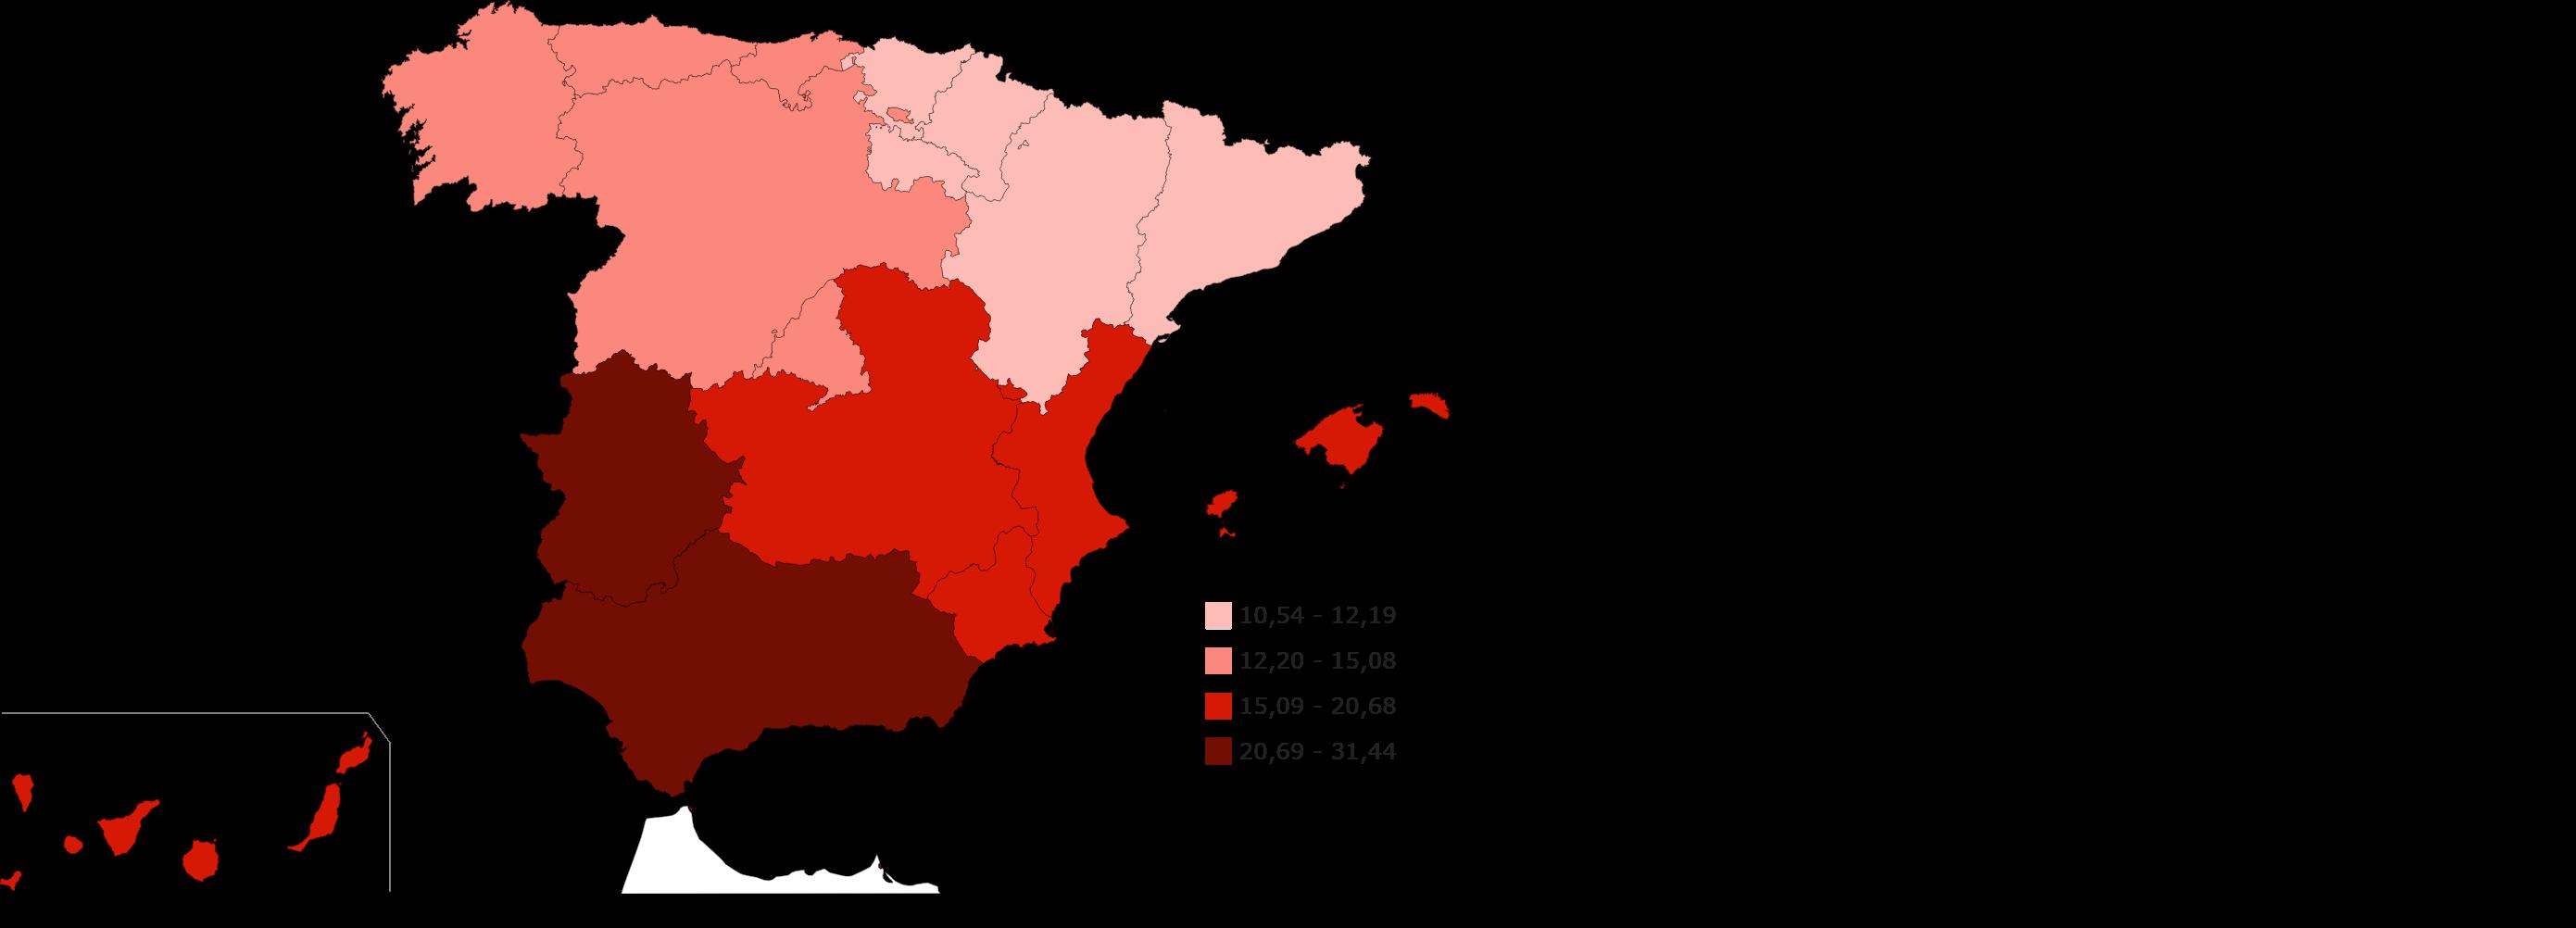 El Paro Por Comunidades Autónomas Tasa De Paro